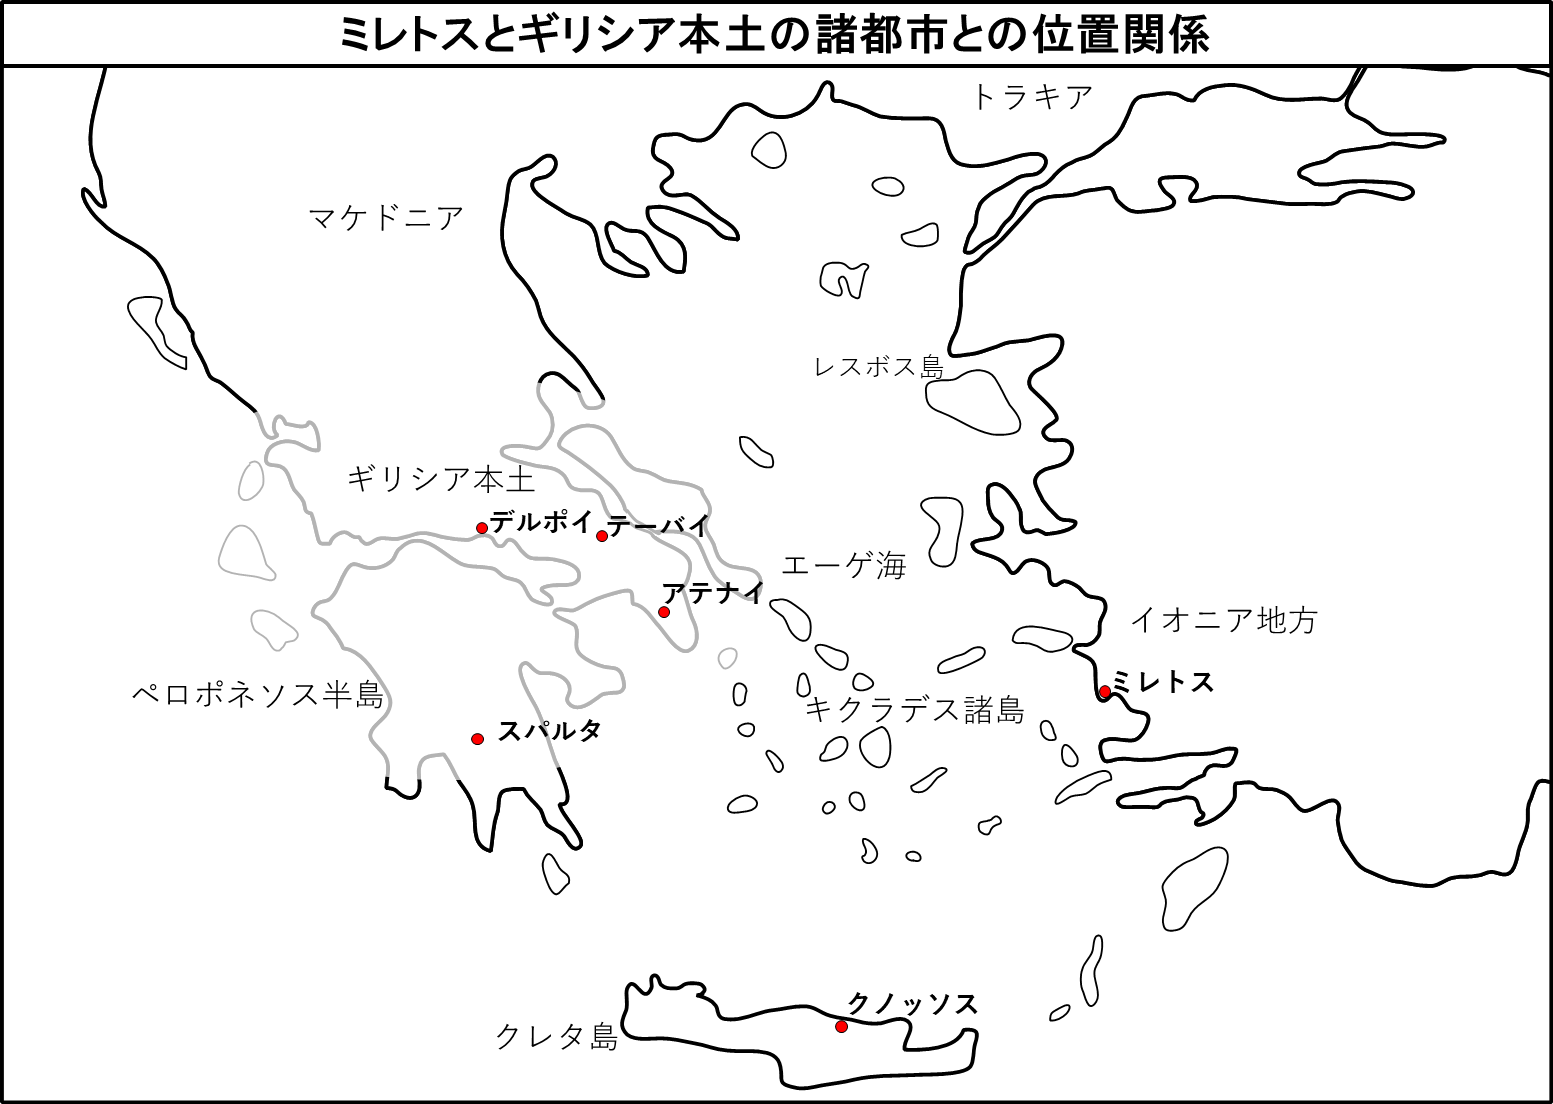 ミレトスとギリシア本土の諸都市との位置関係